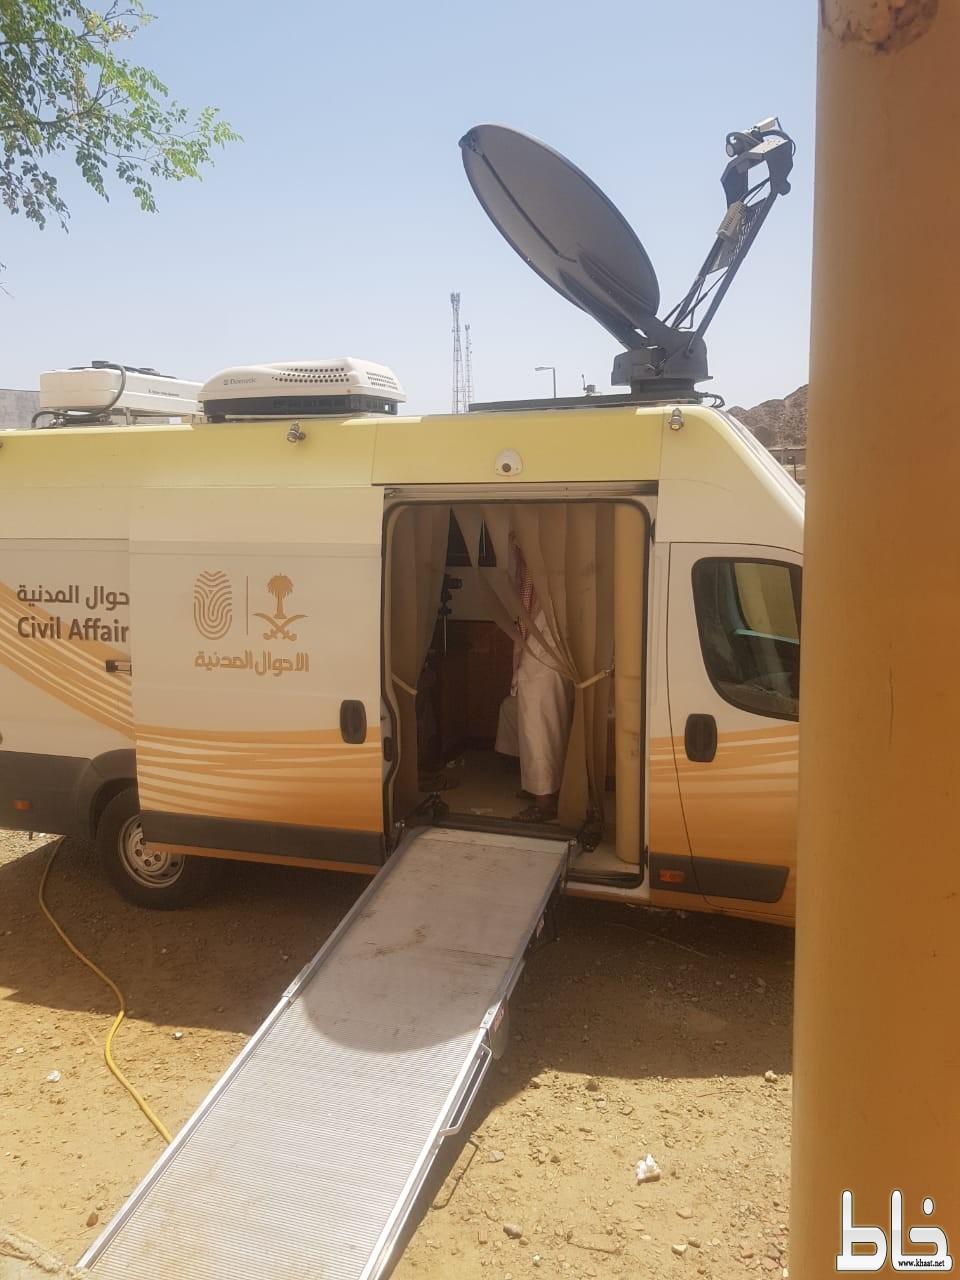 بالصور شاهد : جانب من الخدمات التي تقدمها عربة الأحوال المتنقلة للمواطنين بمركز جمعة ربيعة